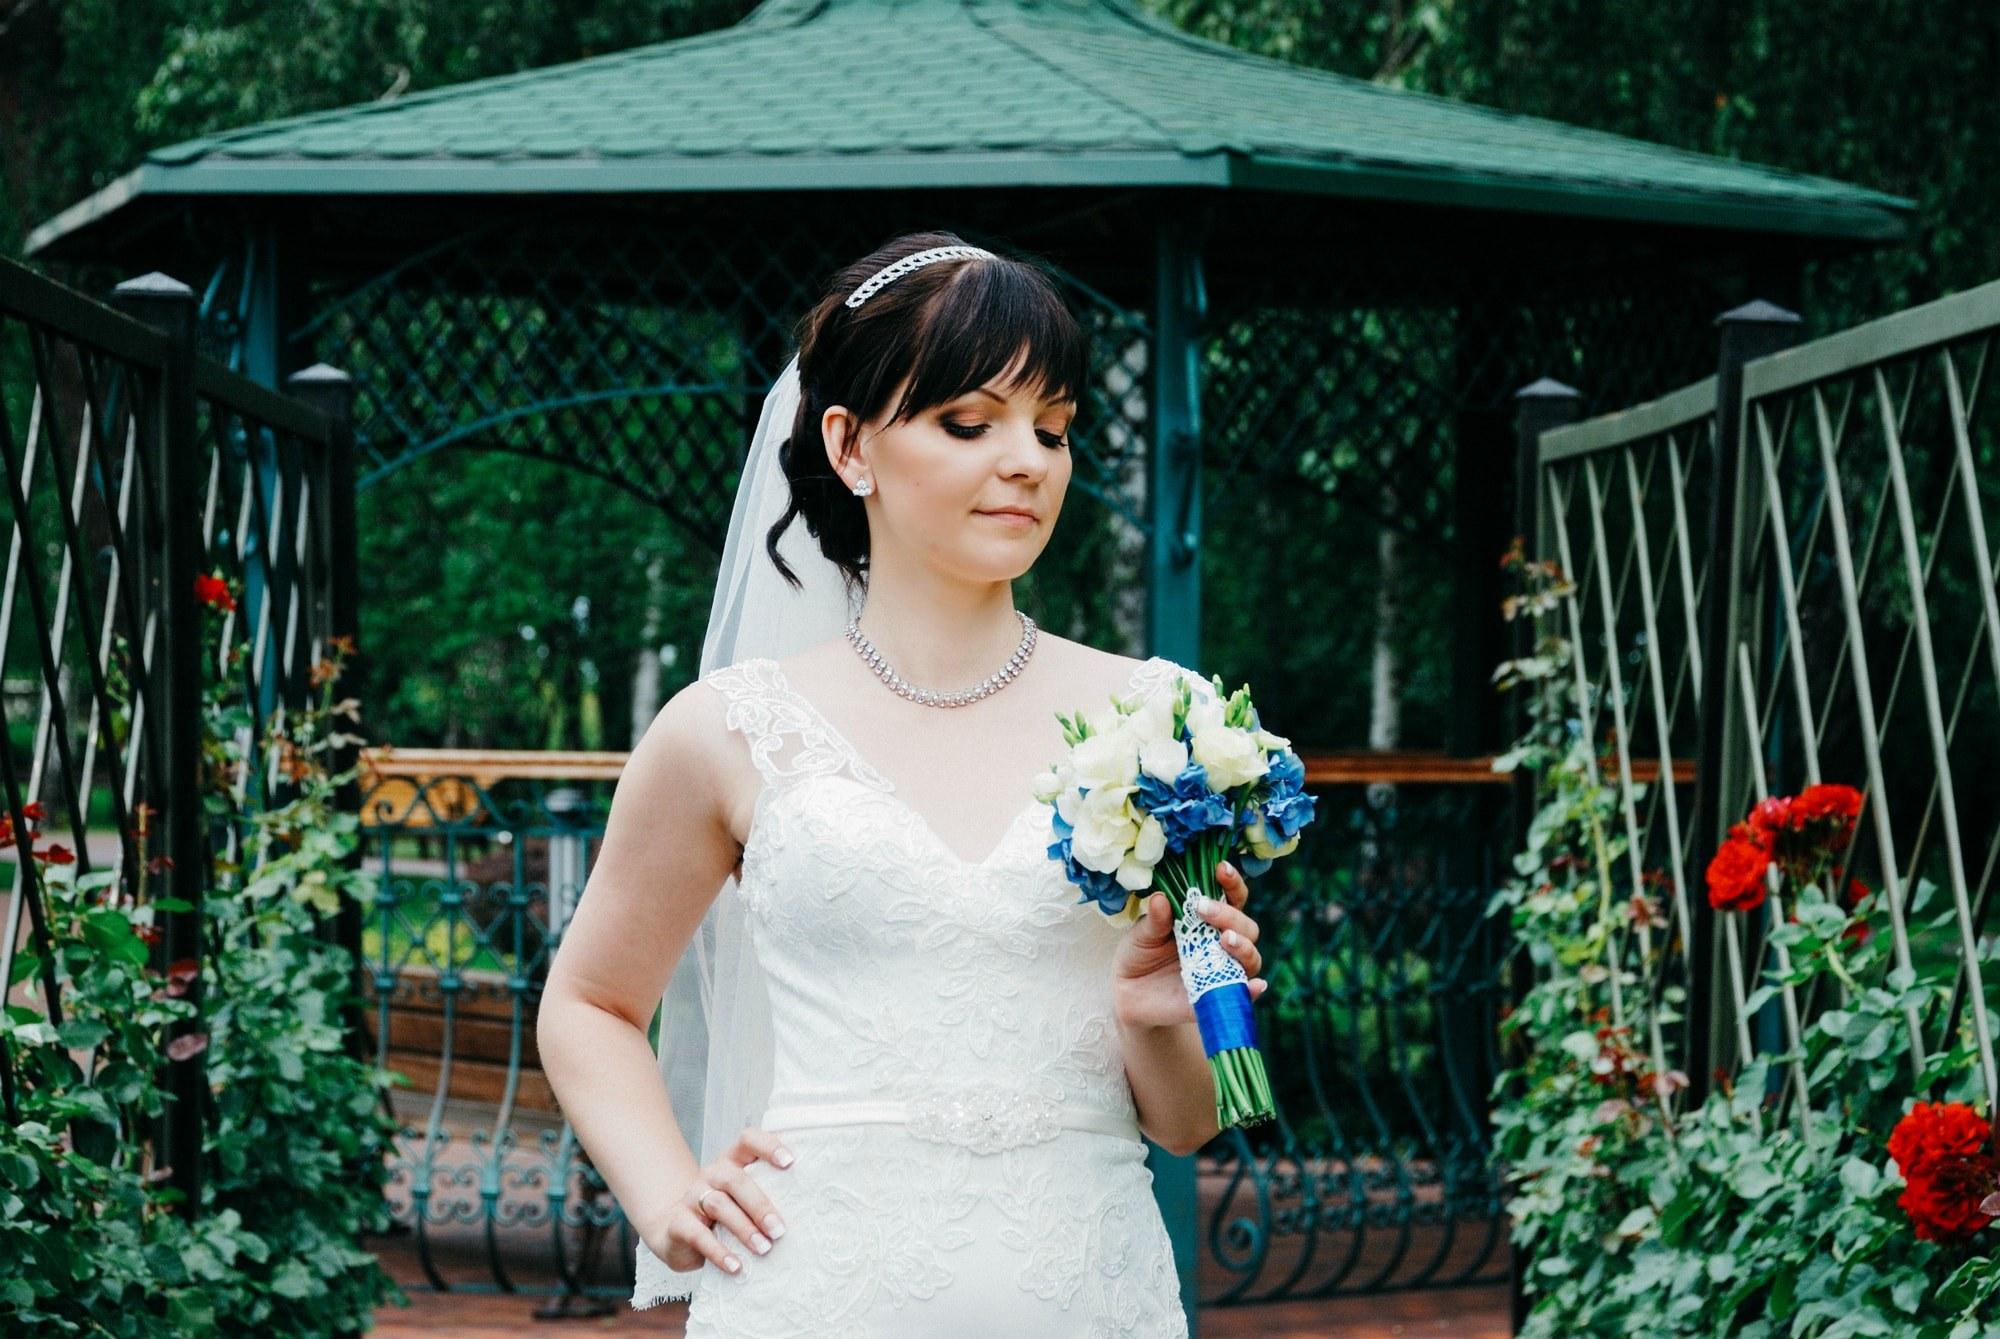 Невеста смотрит на букет - Фотограф Киев - Женя Лайт